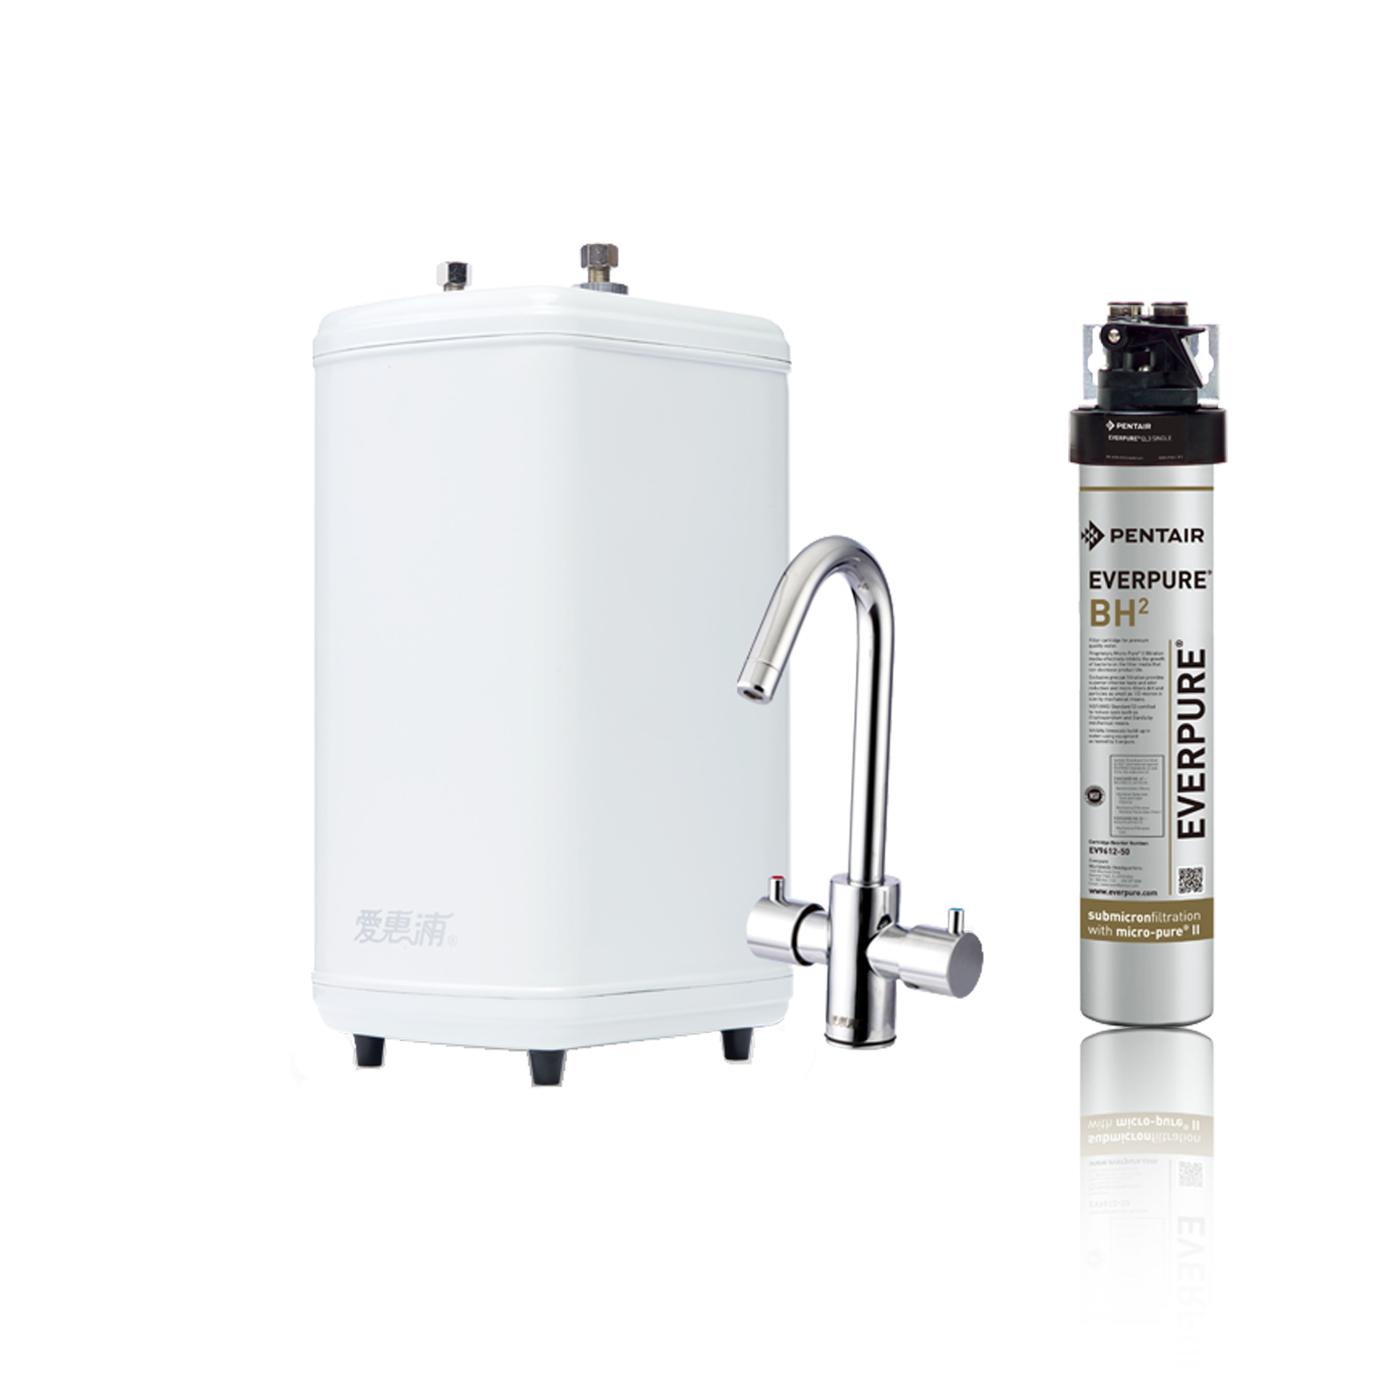 本月加贈漏水斷漏器送安裝愛惠浦雙溫廚下加熱器EVB-H188搭載QL3-BH2淨水器